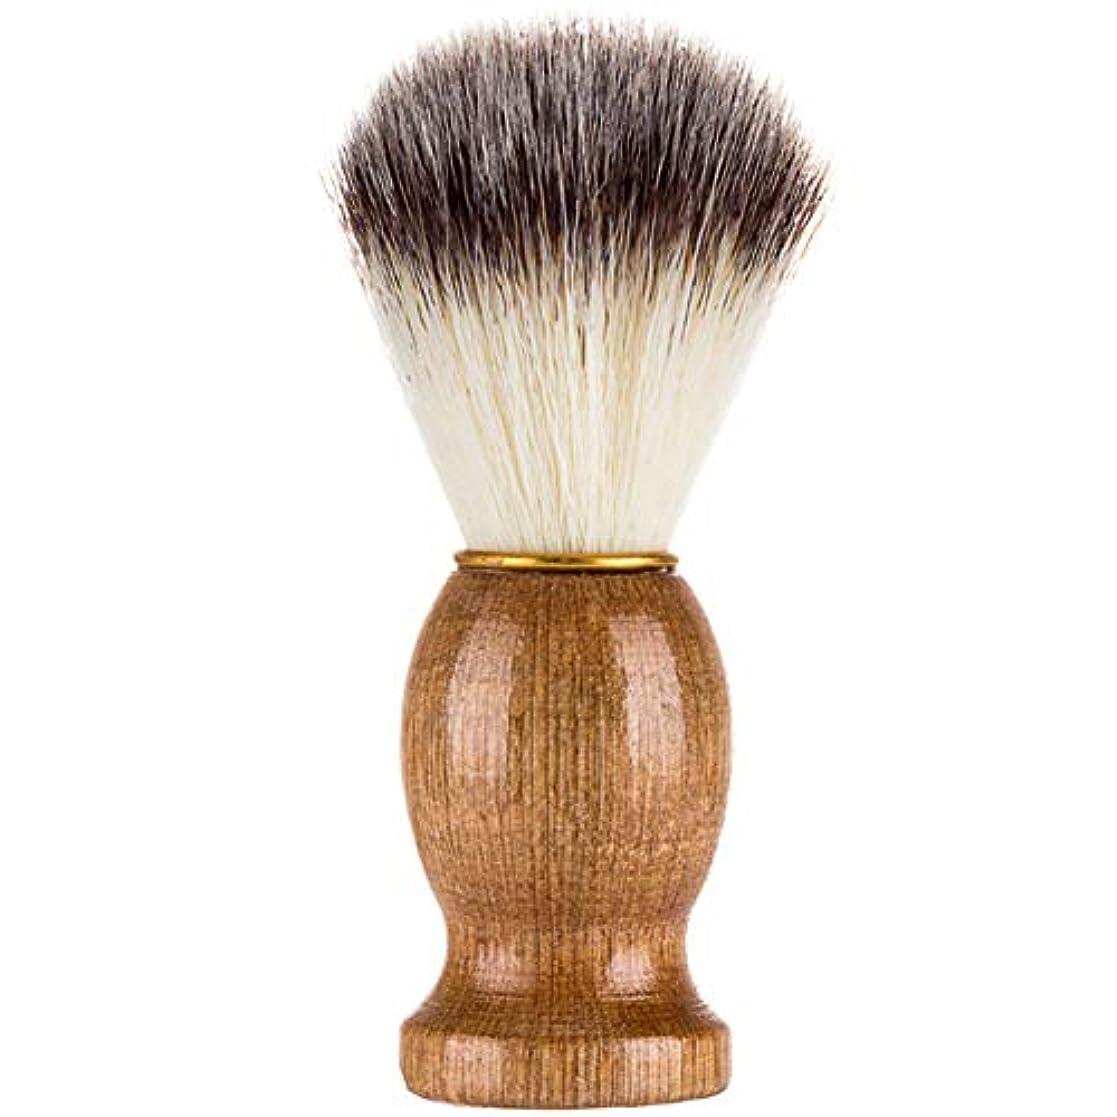 民族主義ペチコートそばにlzndeal シェービングブラシ シェービングブラシ 男性用シェービングブラシシェービングカミソリブラシ サロンバーツール 顔のあご髭シェービング用品